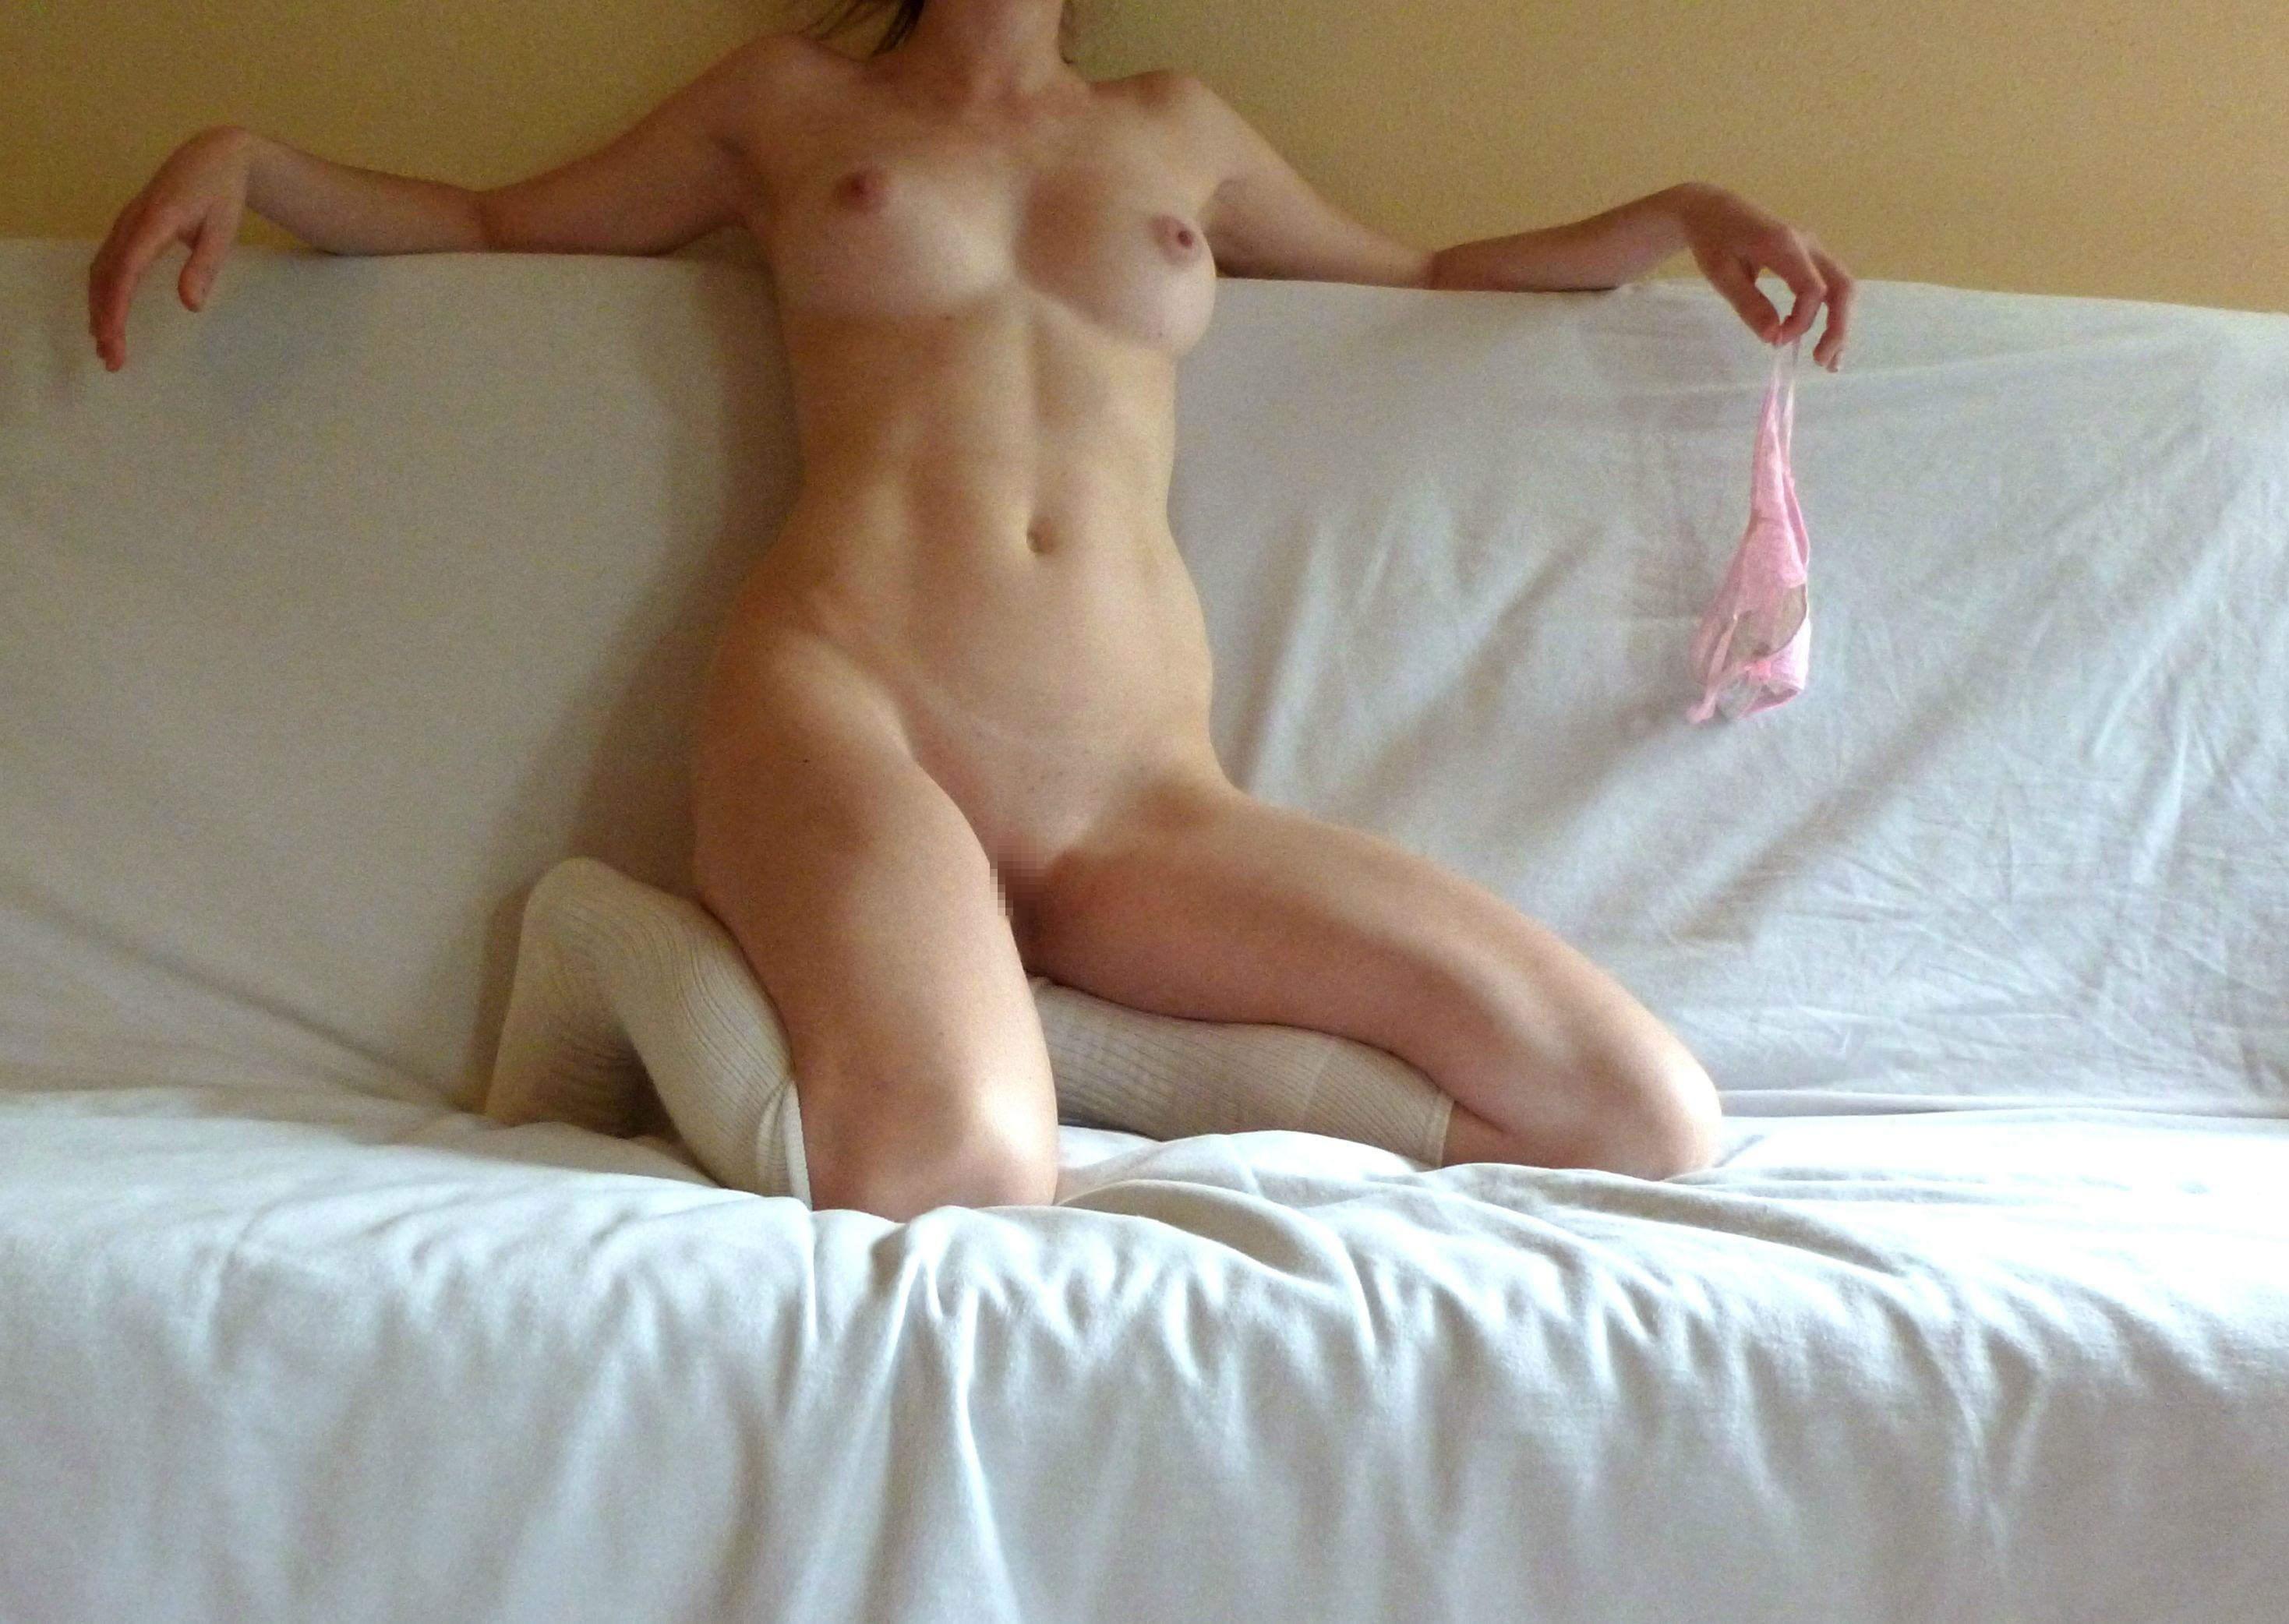 【外人】外人の癖に顔見せNGな巨乳おっぱいとおまんこの自画撮りポルノ画像 2216